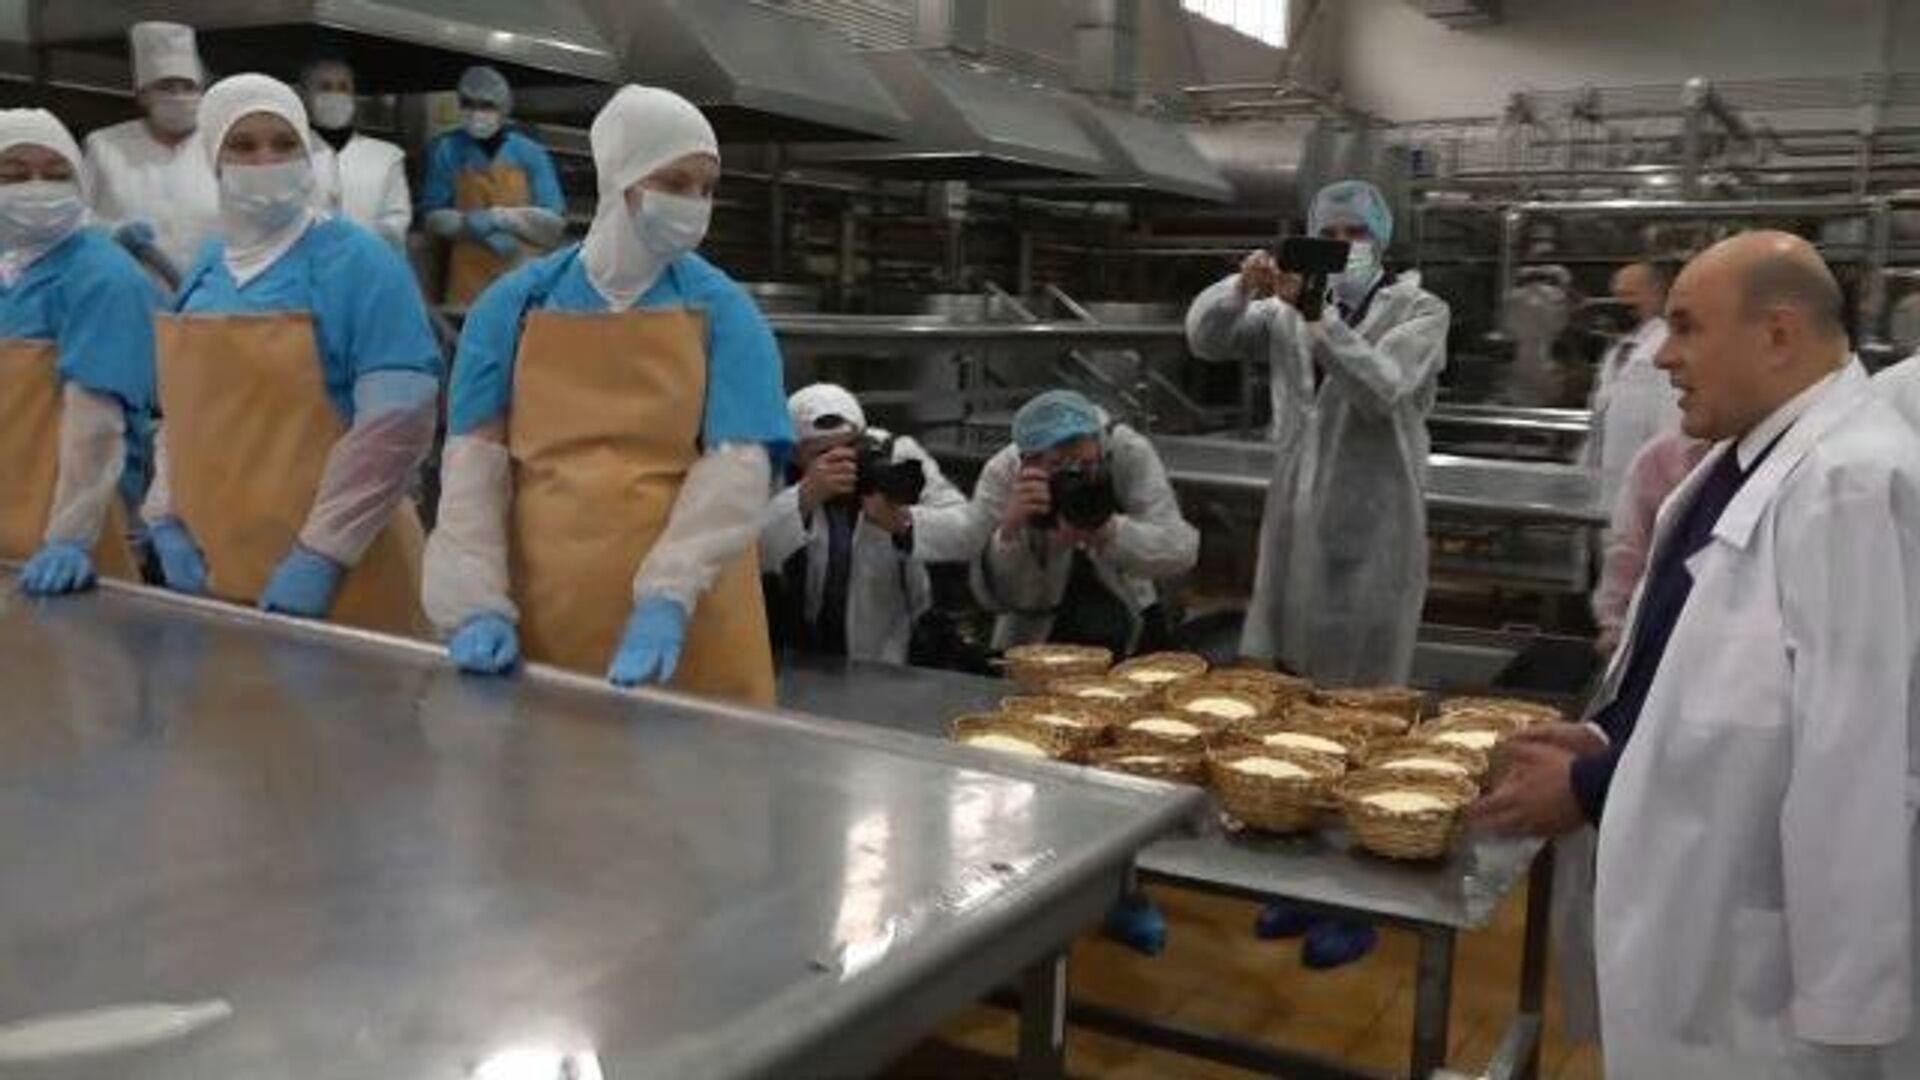 Мишустин на заводе по производству сыров в Адыгее - РИА Новости, 1920, 08.02.2021